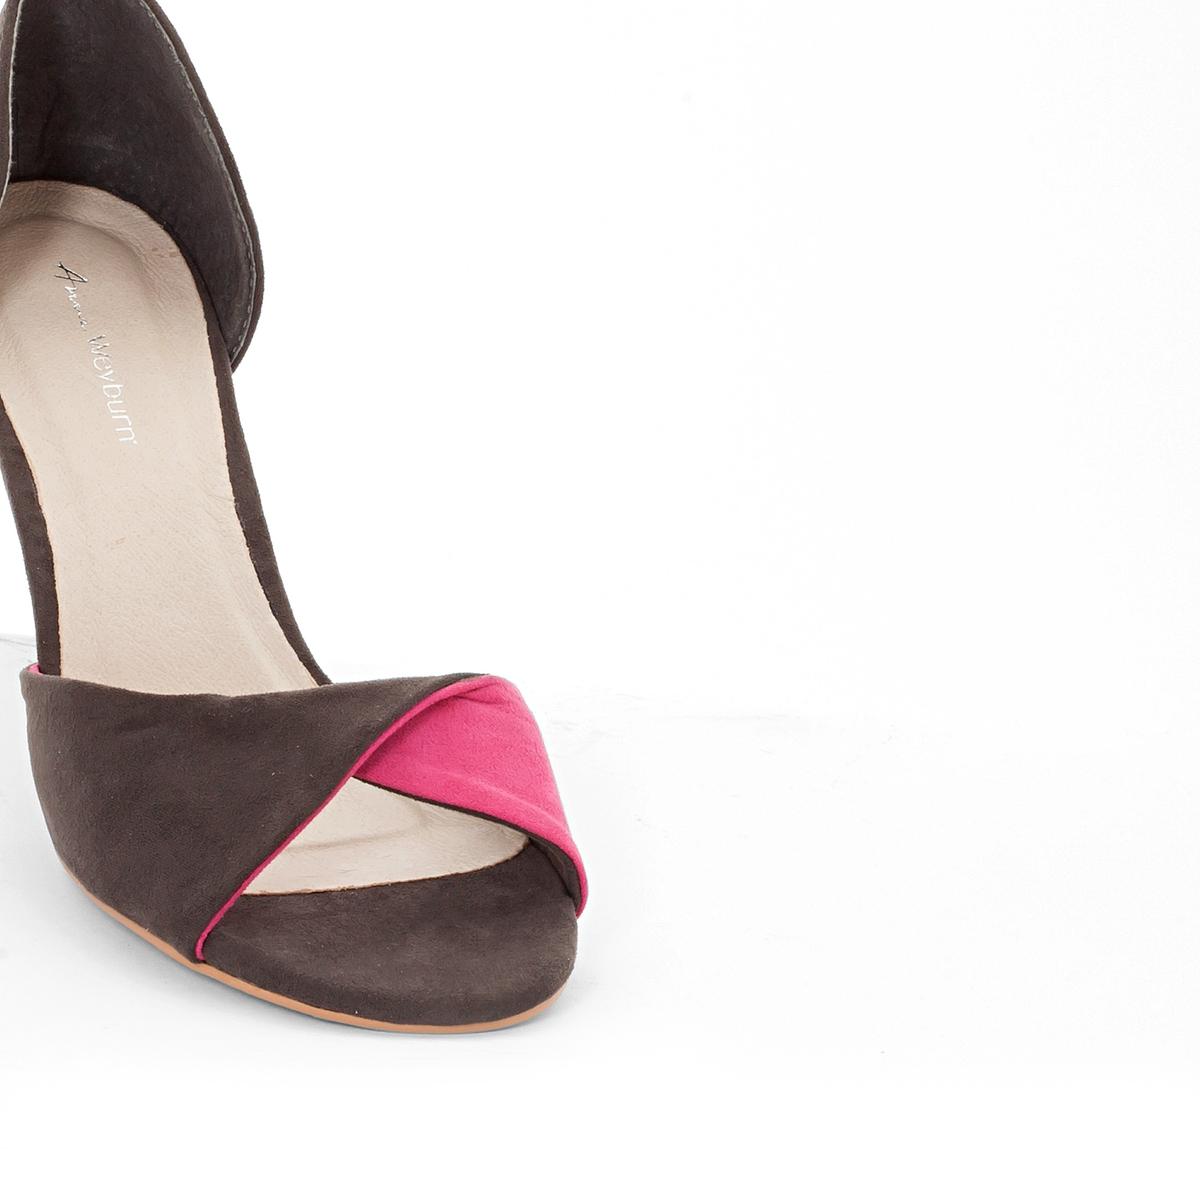 Туфли двухцветныеДвухцветные туфли от Anne Weyburn.Верх : Синтетическая замша.Подкладка : синтетический материалСтелька : Кожа на подкладке из пеноматериала.Подошва : Эластомер.Высота каблука : 8 см.<br><br>Цвет: серый/ фуксия<br>Размер: 38.41